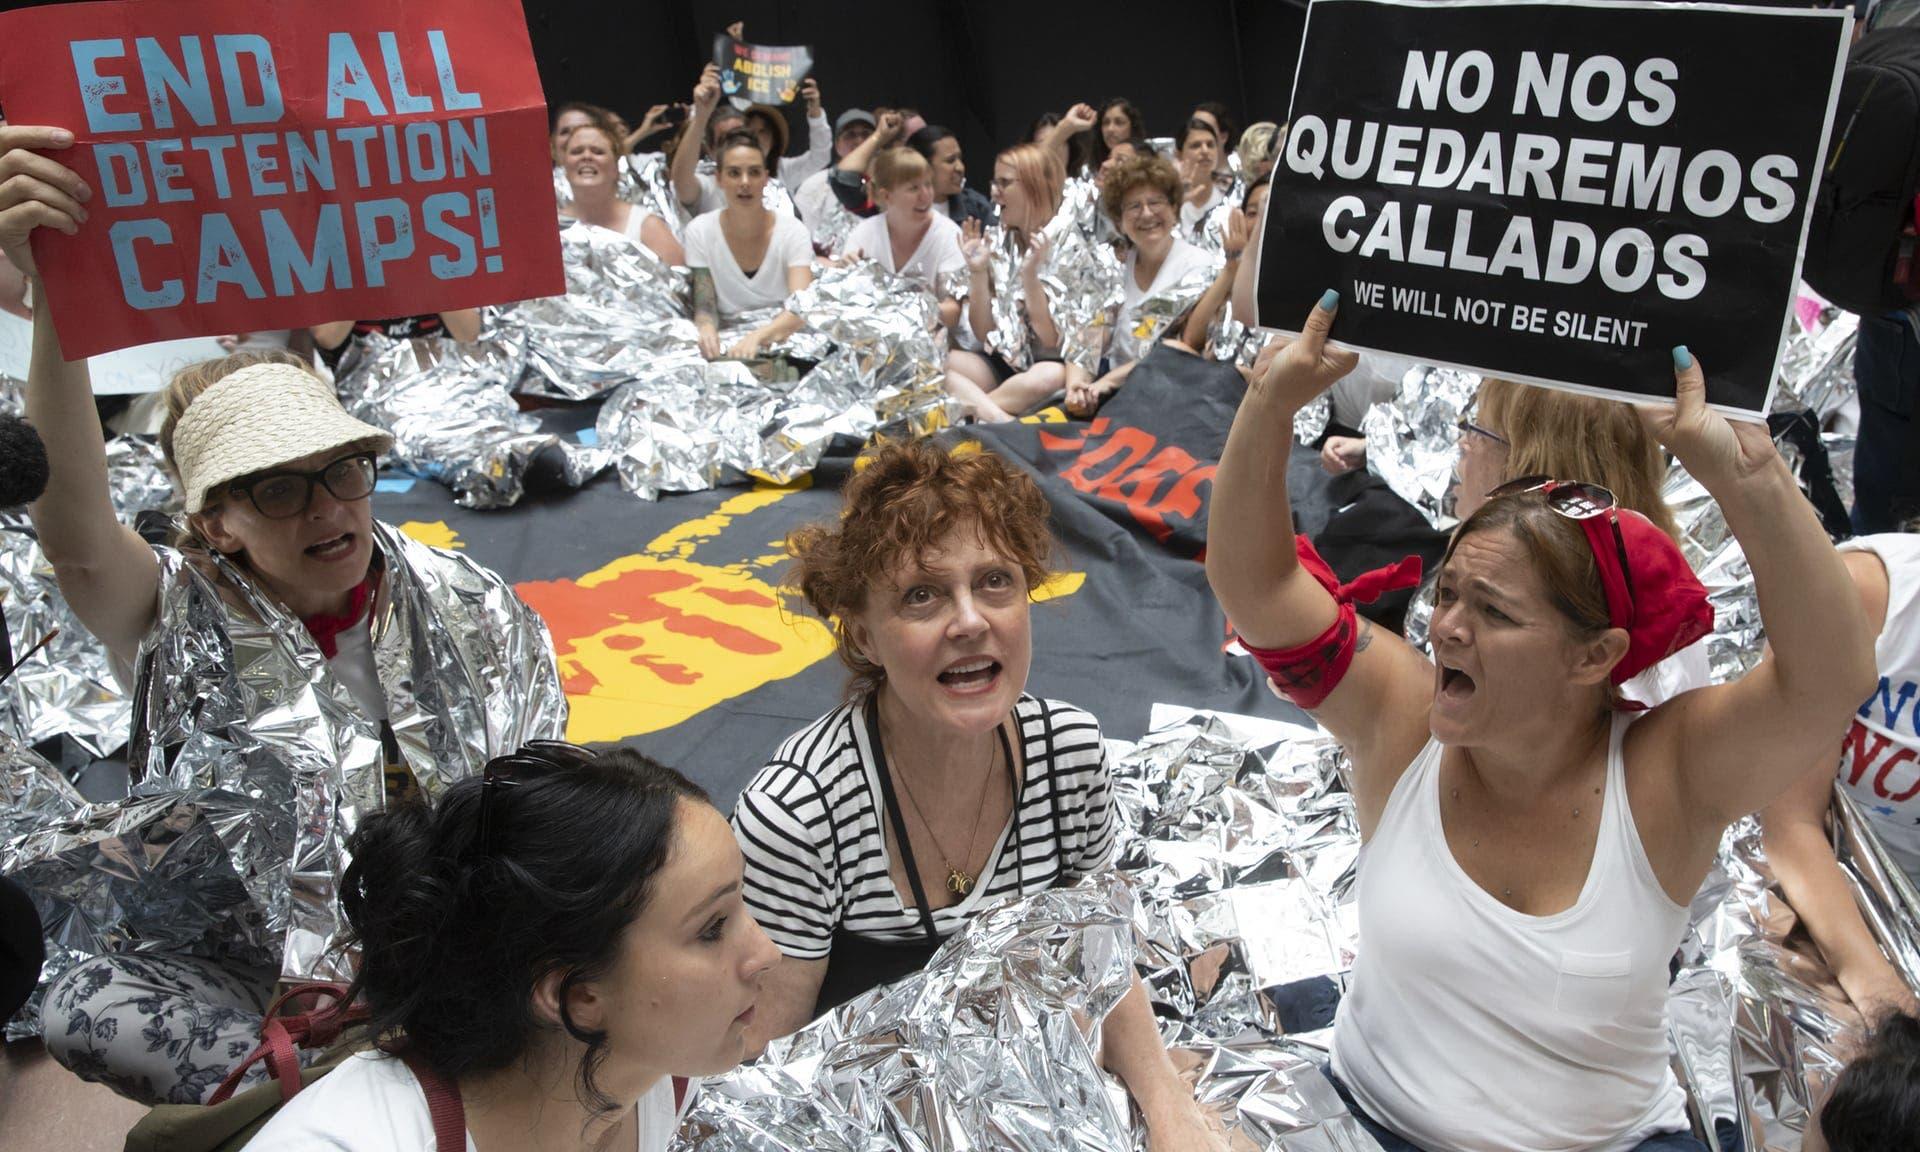 شعارات ضد سياسة فصل أطفال المهاجرين غير الشرعيين عن أسرهم